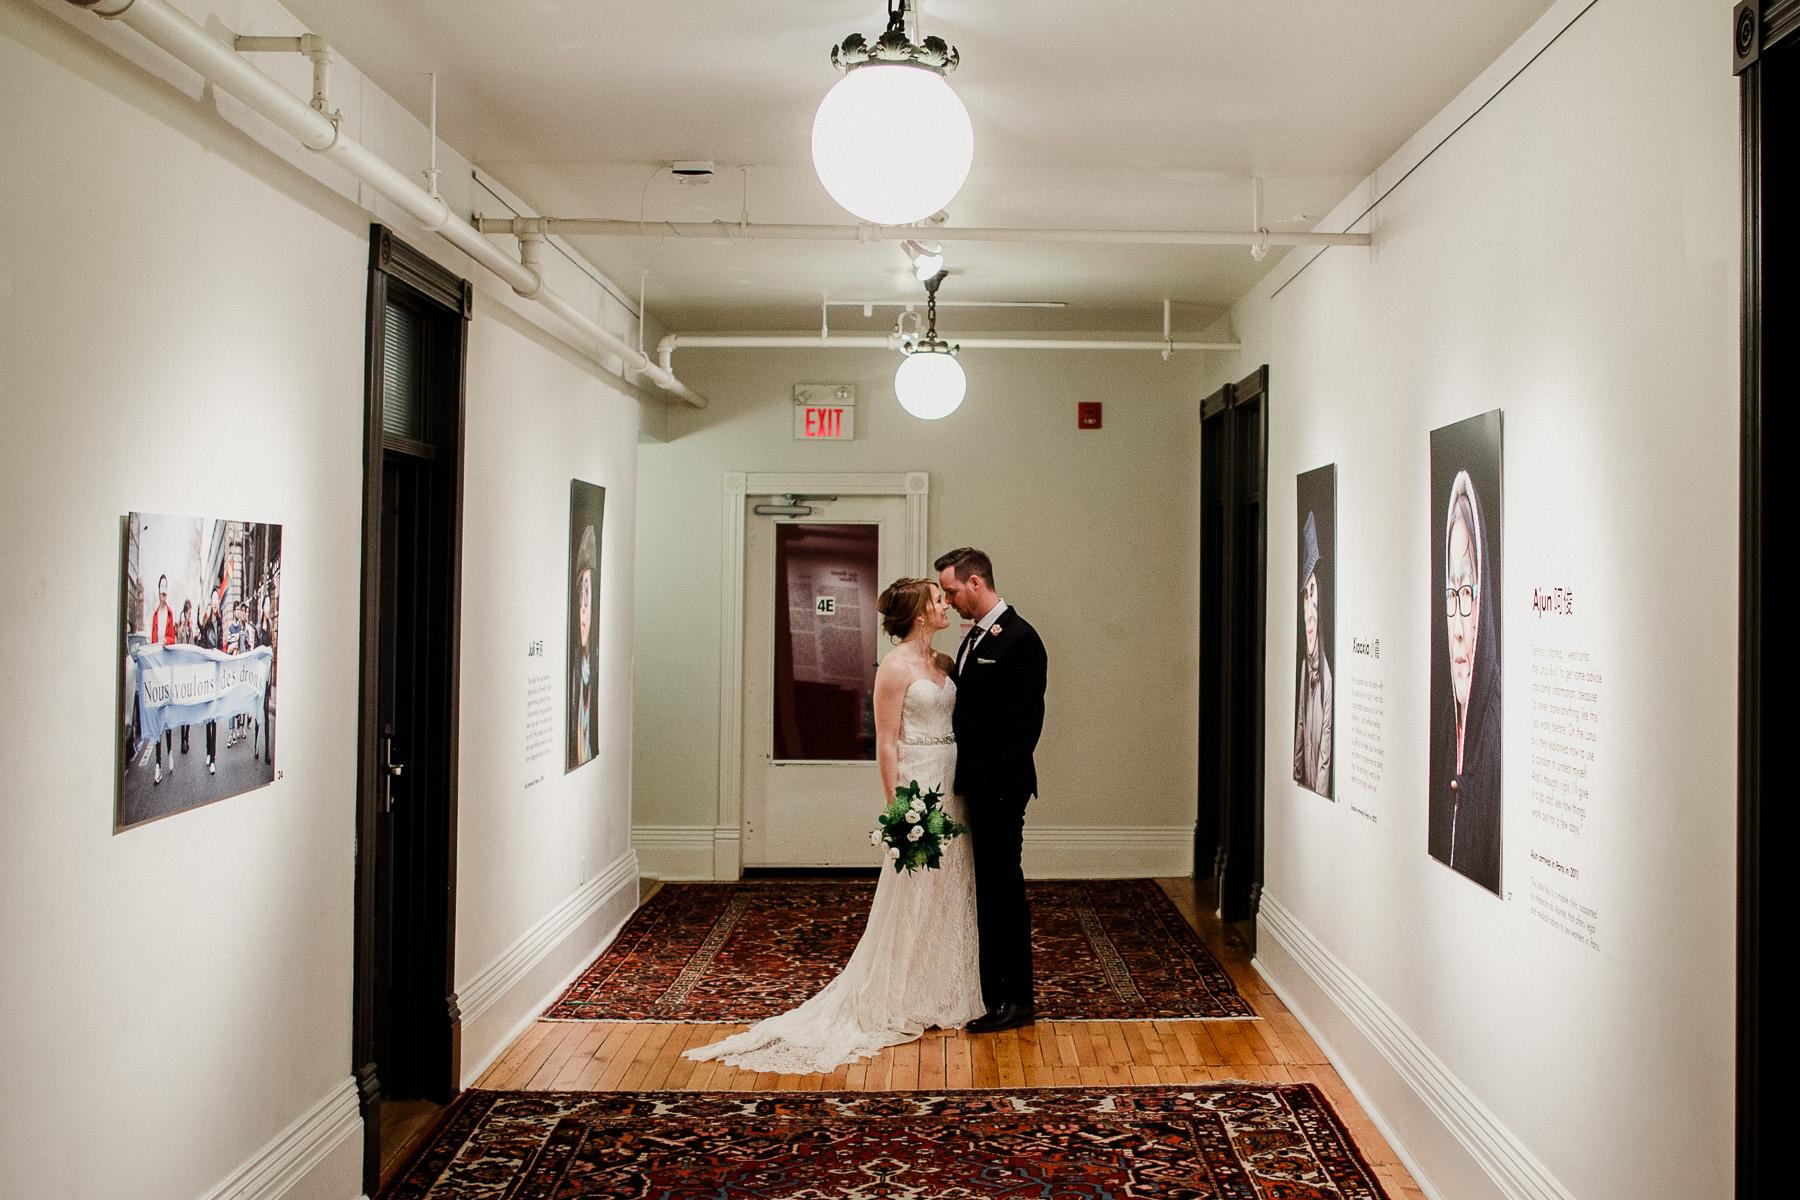 TOP 5 SMALL & HIP WEDDING VENUES IN TORONTO